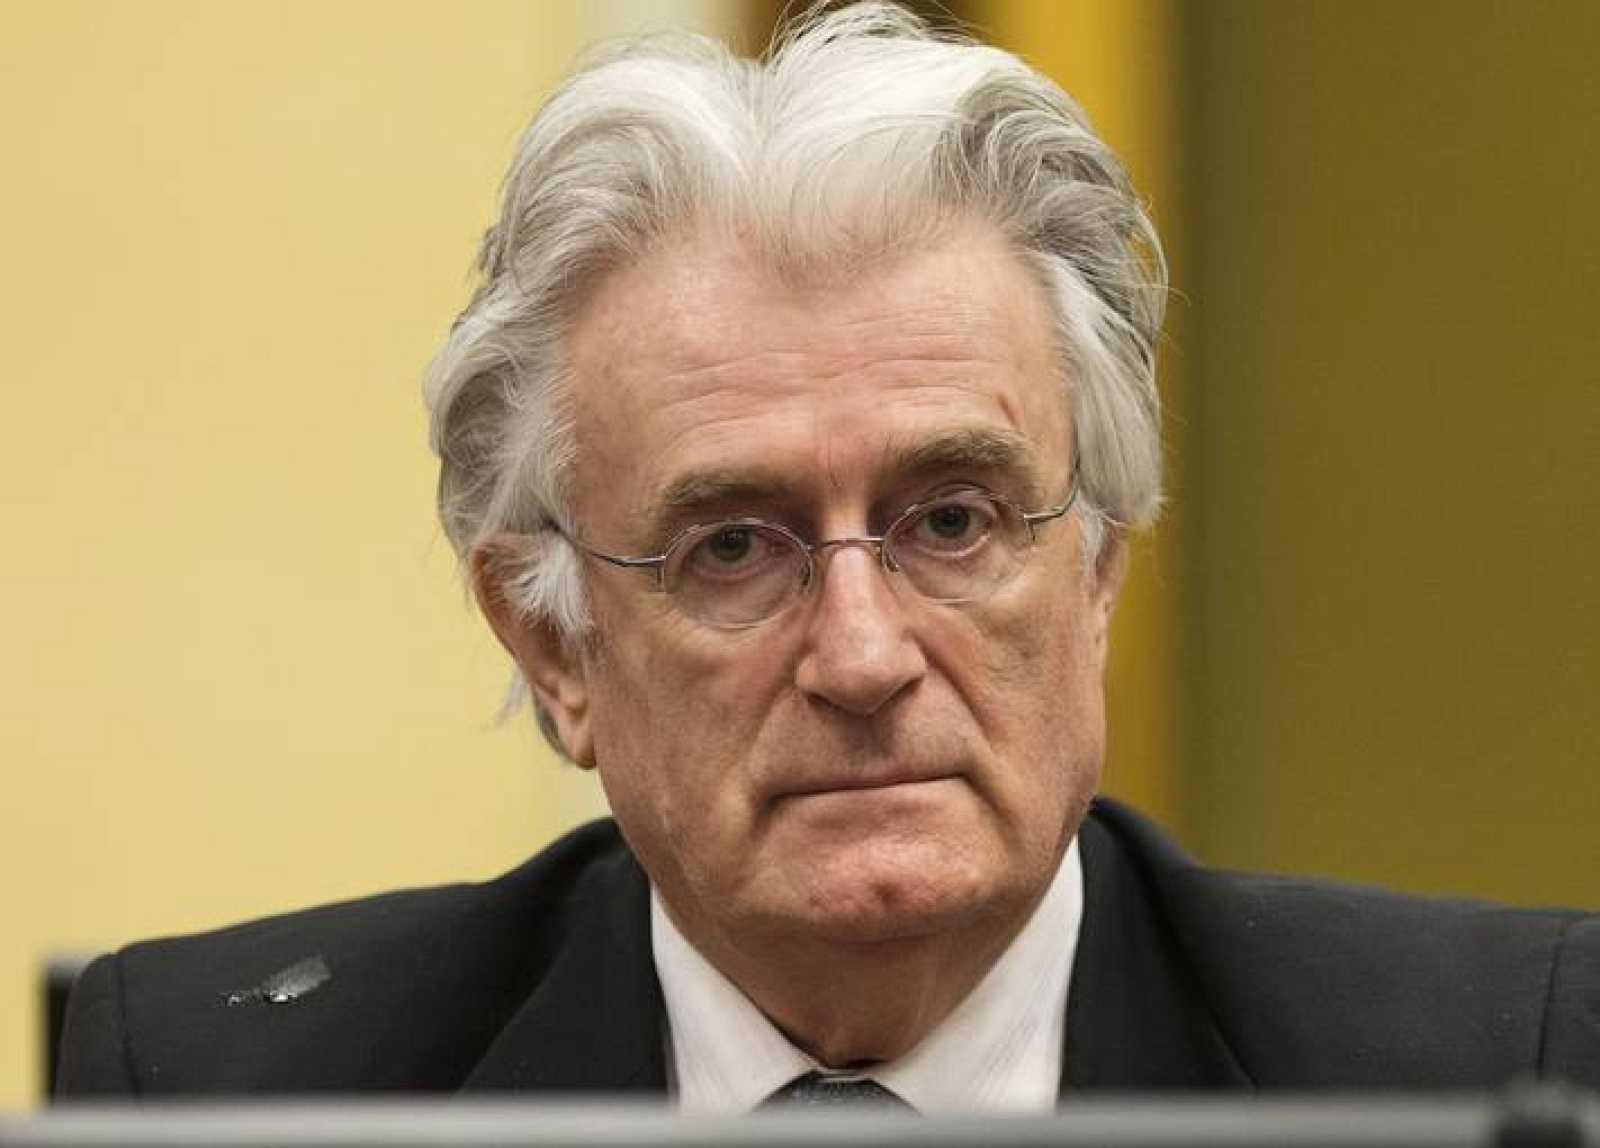 El exdirigente serbo-bosnio Radovan Karadzic, en el tribunal que le juzgada en La Haya